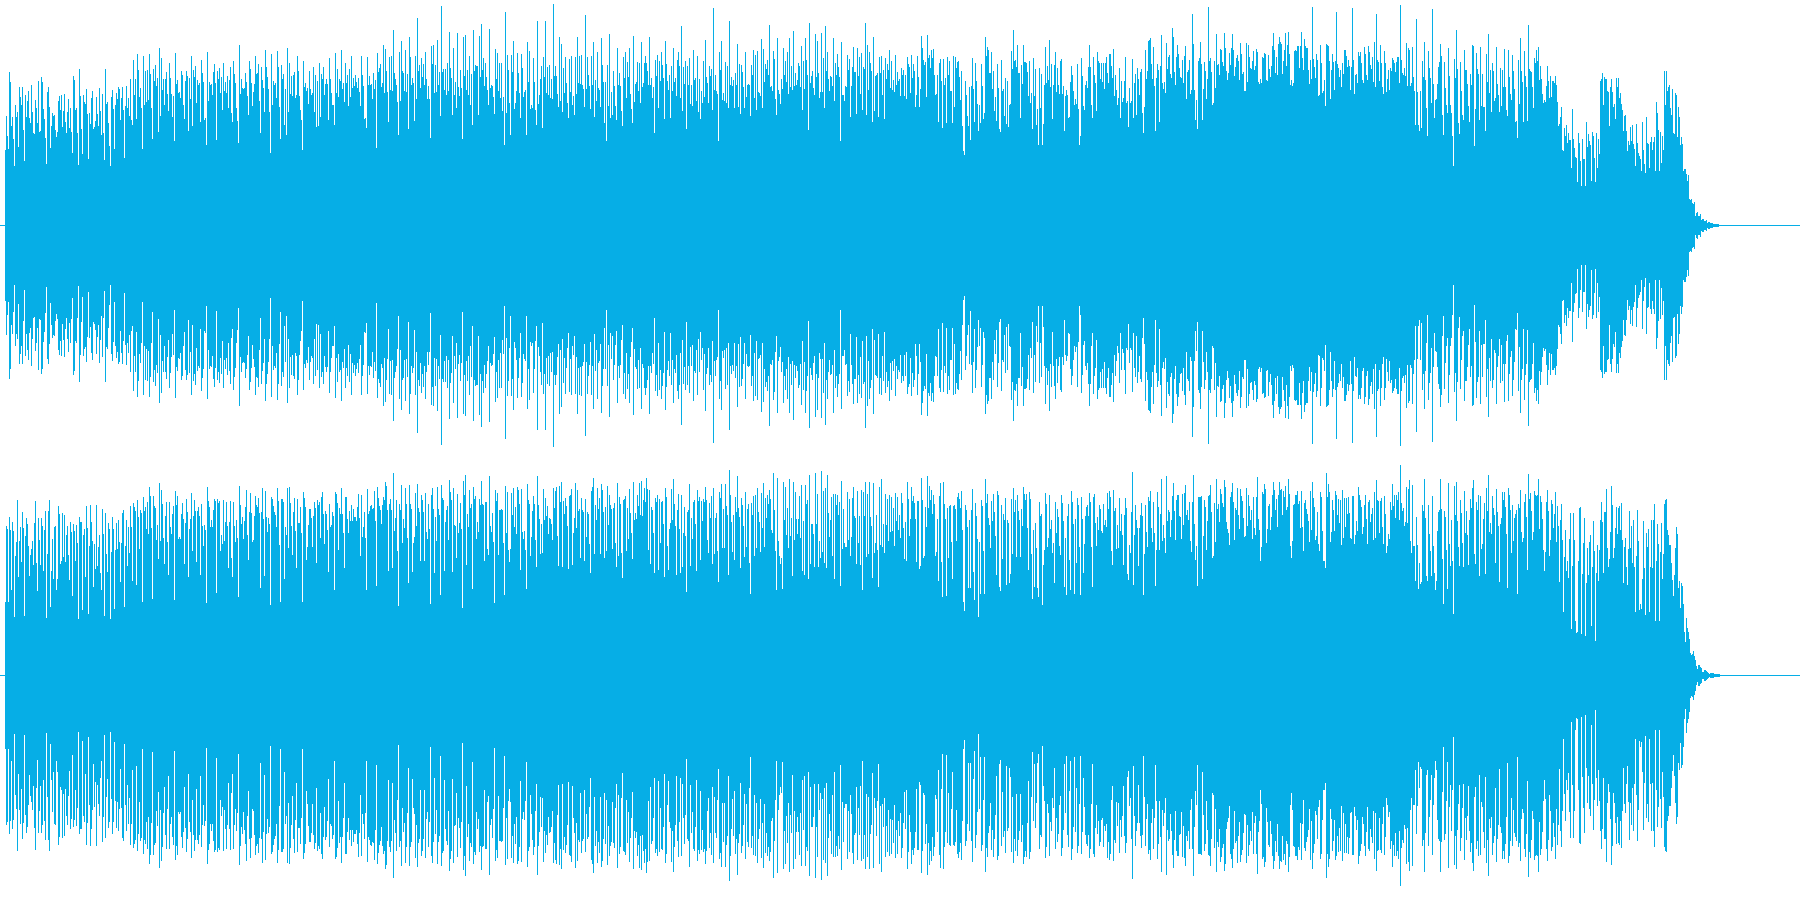 不安と恐怖に駆られそうになる怪しいテクノの再生済みの波形